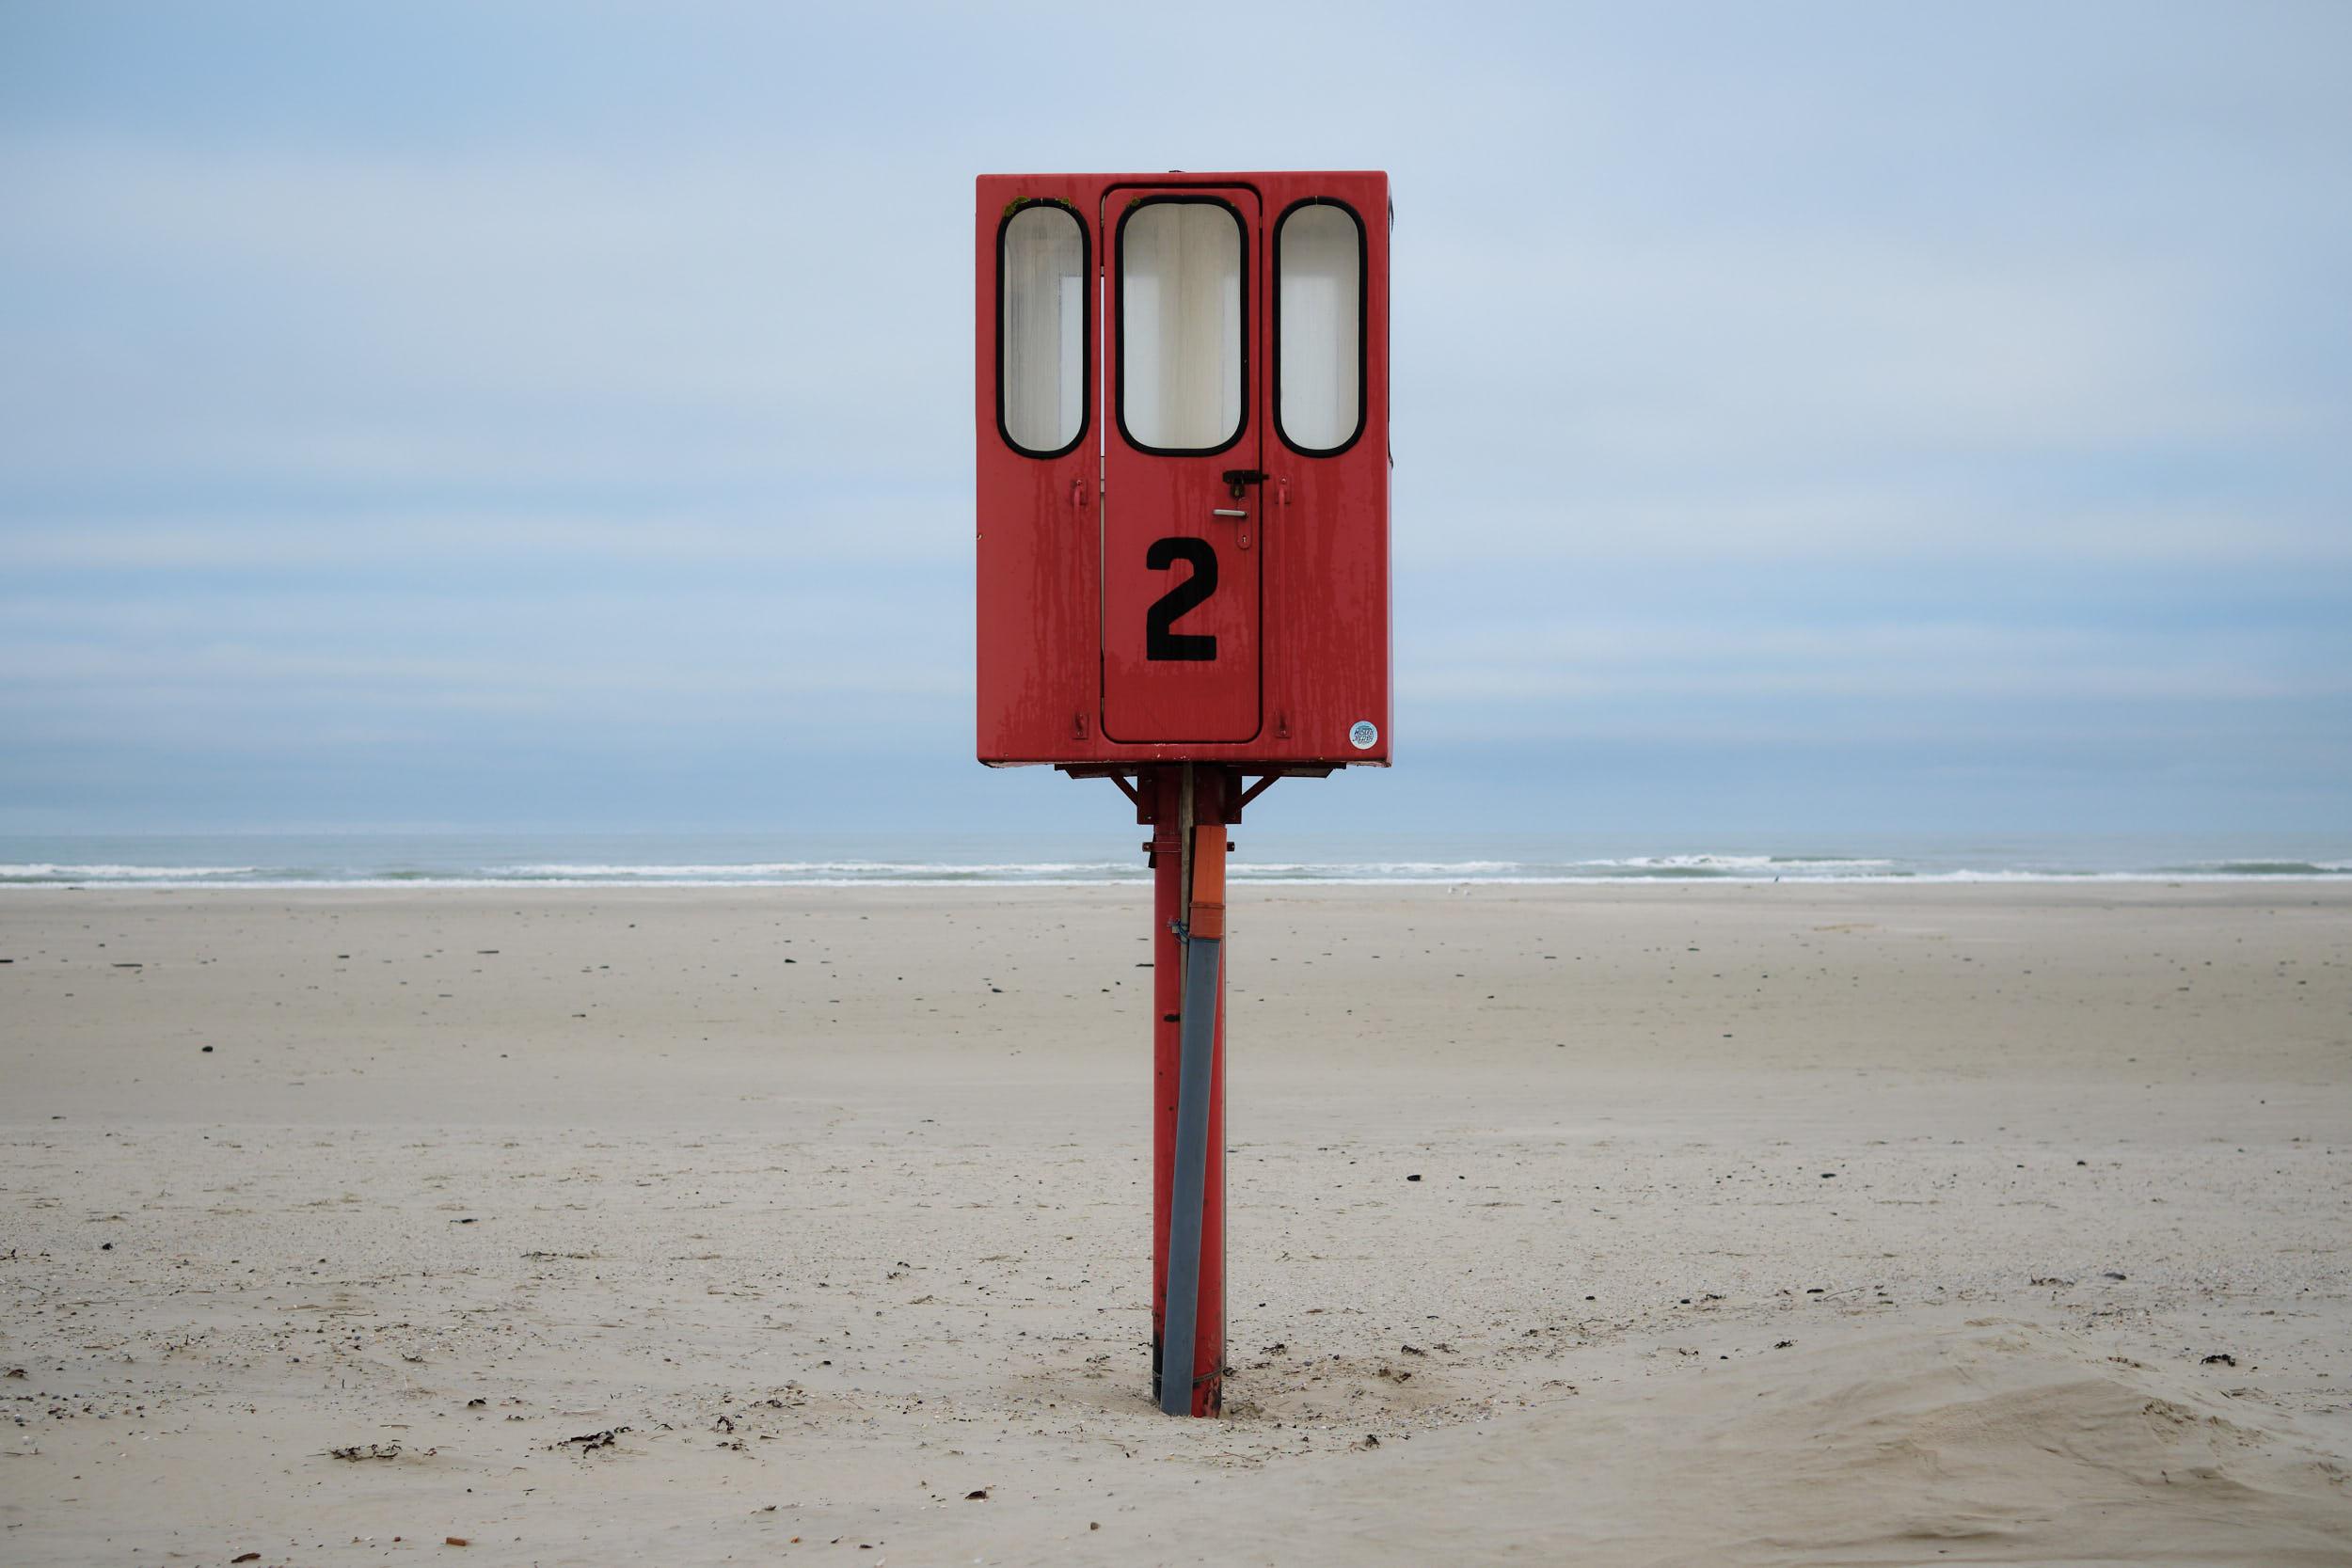 Juist Strandaufsicht